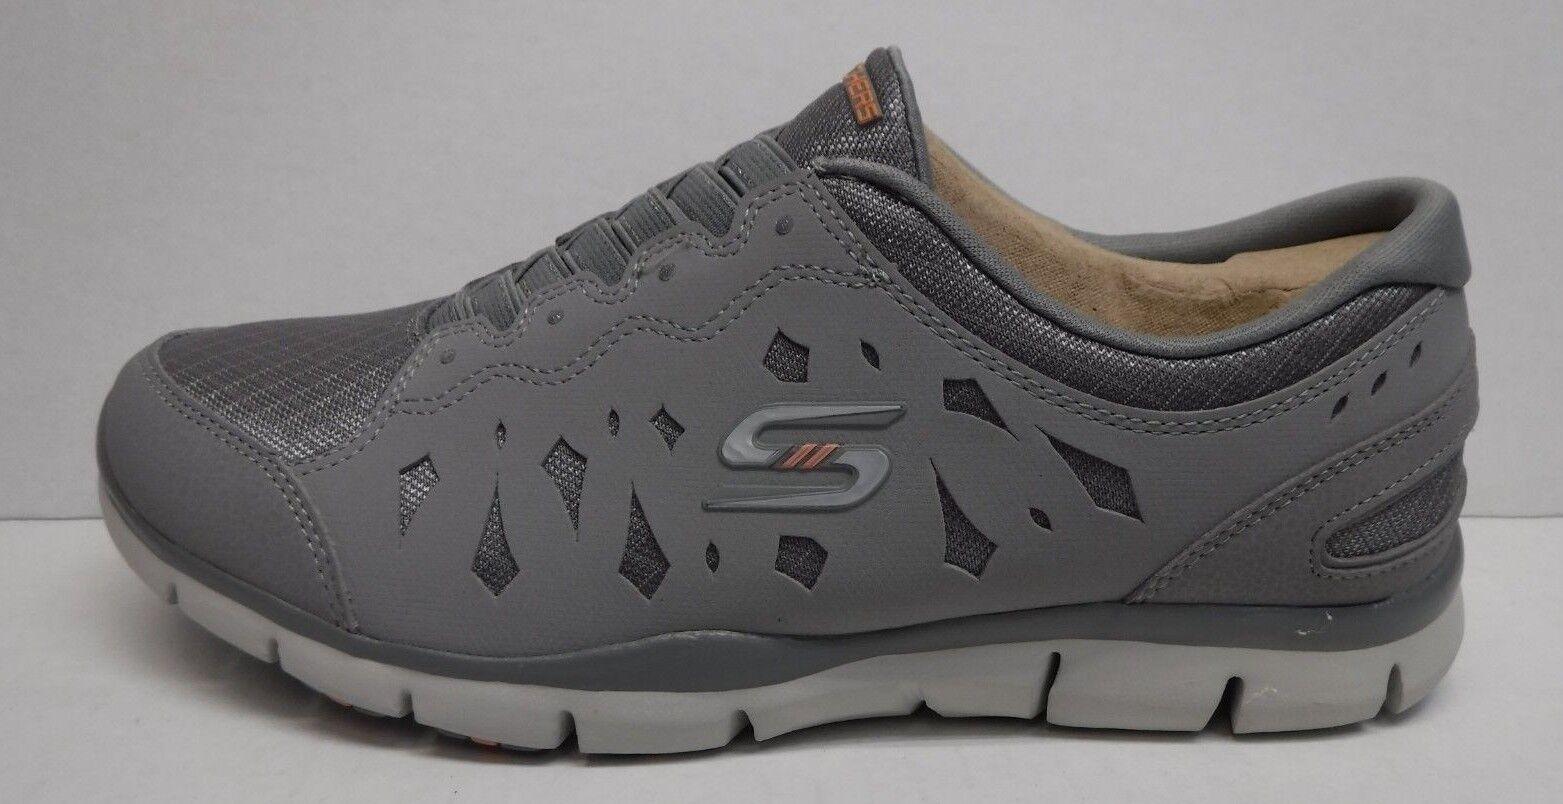 Skechers Skechers Skechers Flex Talla 7 gris Zapatillas nuevo Zapatos para mujer 21e7e7